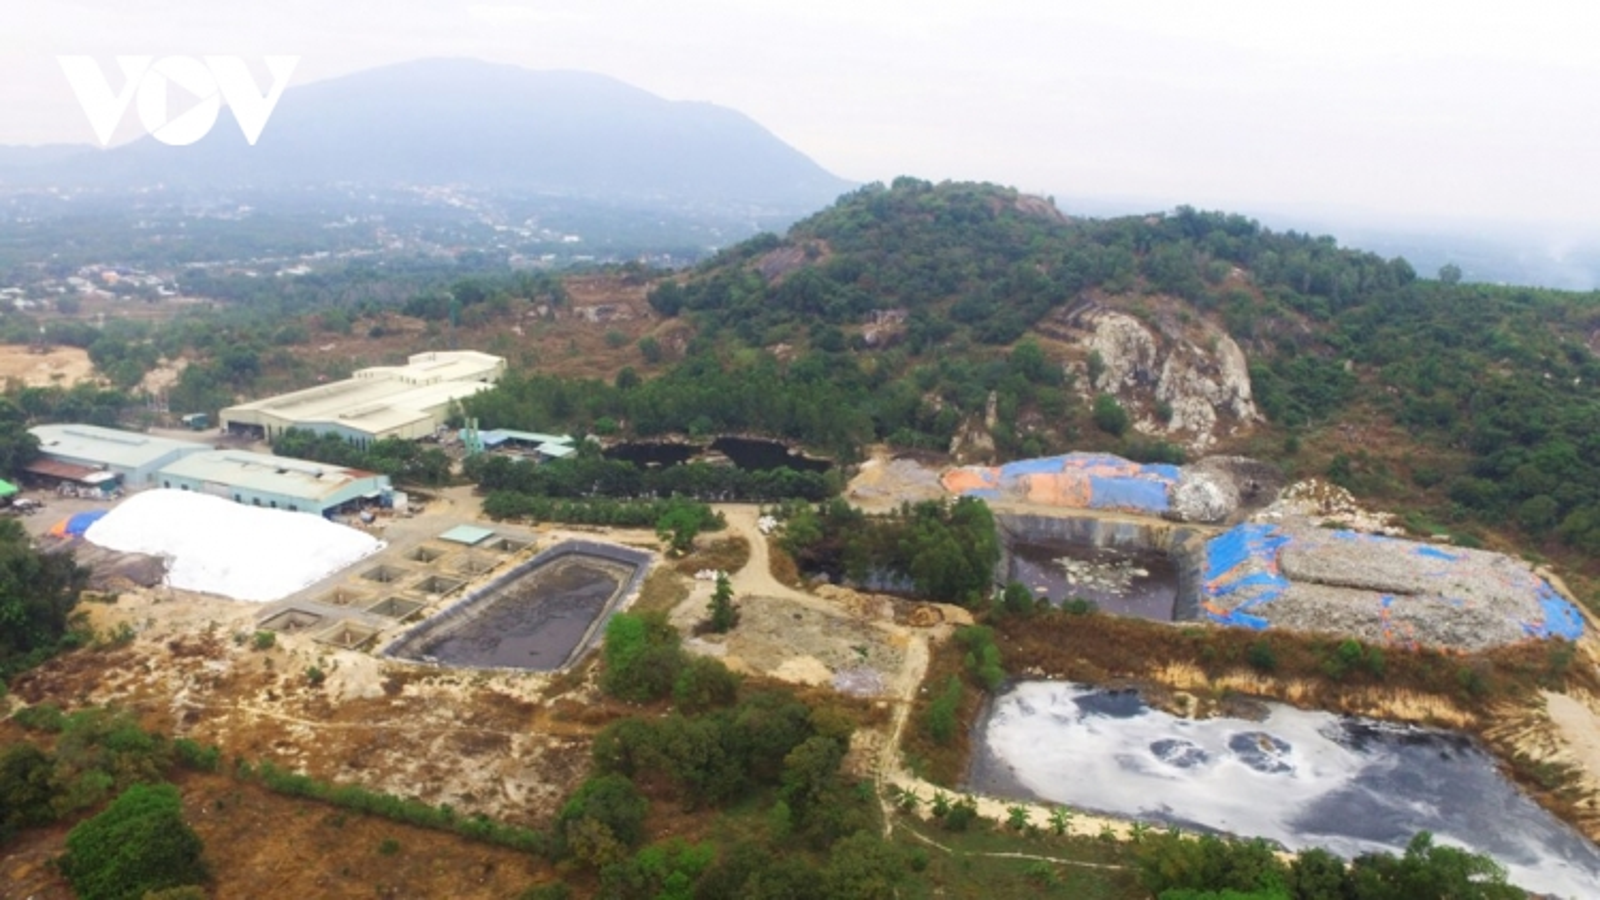 Kết luận hàng loạt sai phạm tại nhà máy xả thải ra môi trường ở Đồng Nai như VOV phản ánh